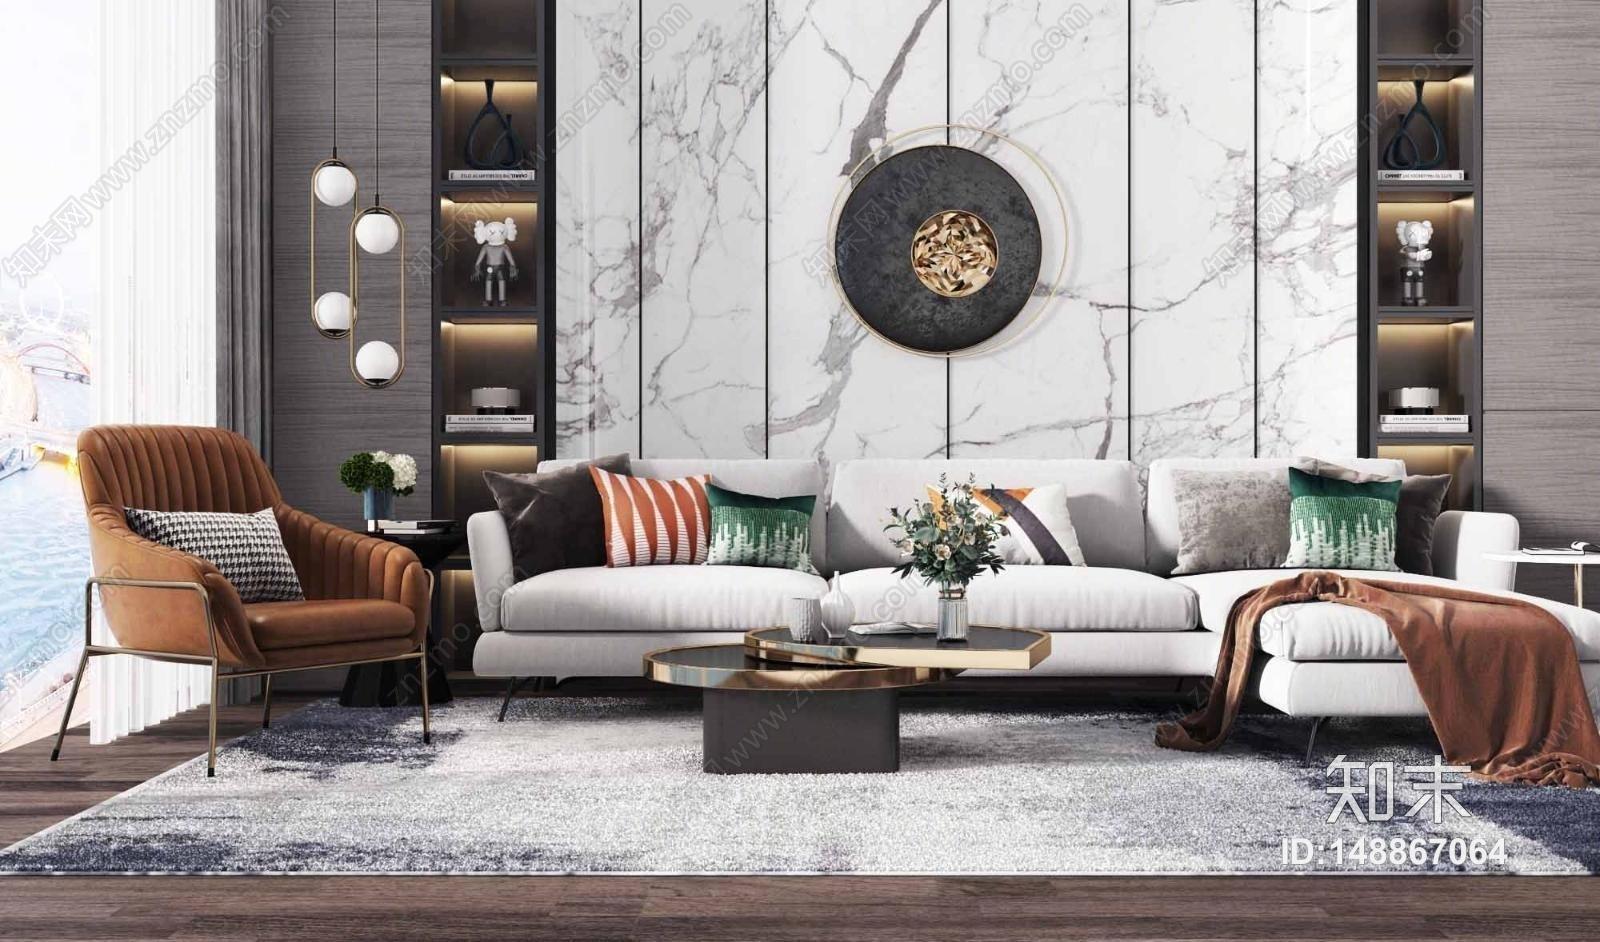 现代沙发茶几组合 休闲椅 吊灯 花瓶 饰品组合